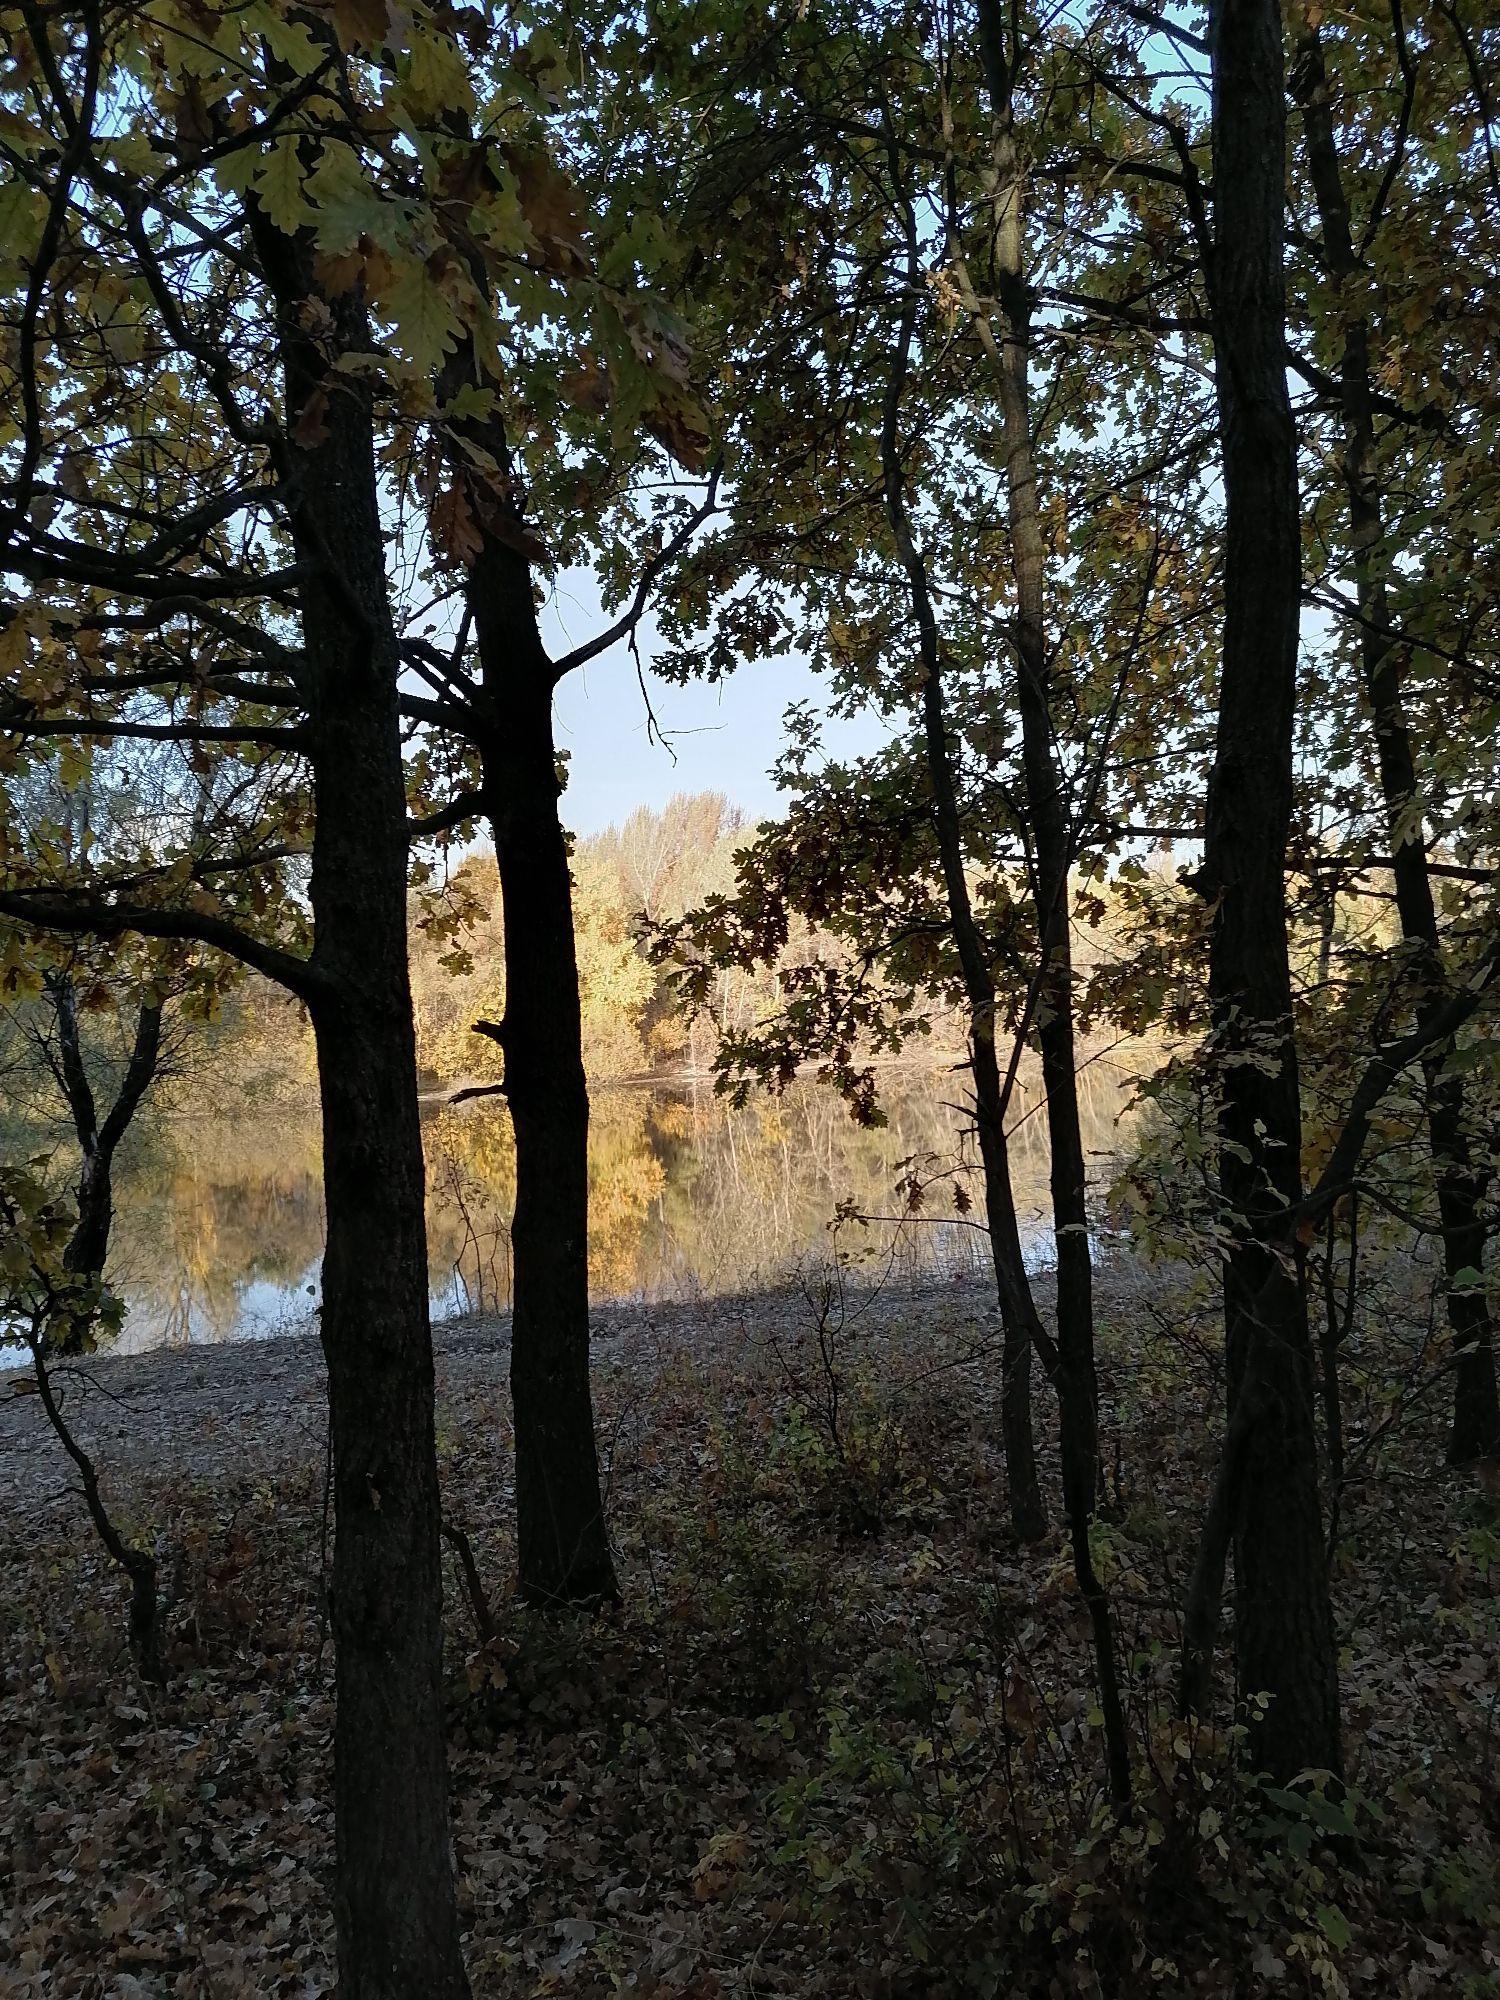 если смотреть сквозь стройные тела дубов, то кажется,что на том берегу начинается сказочный лес